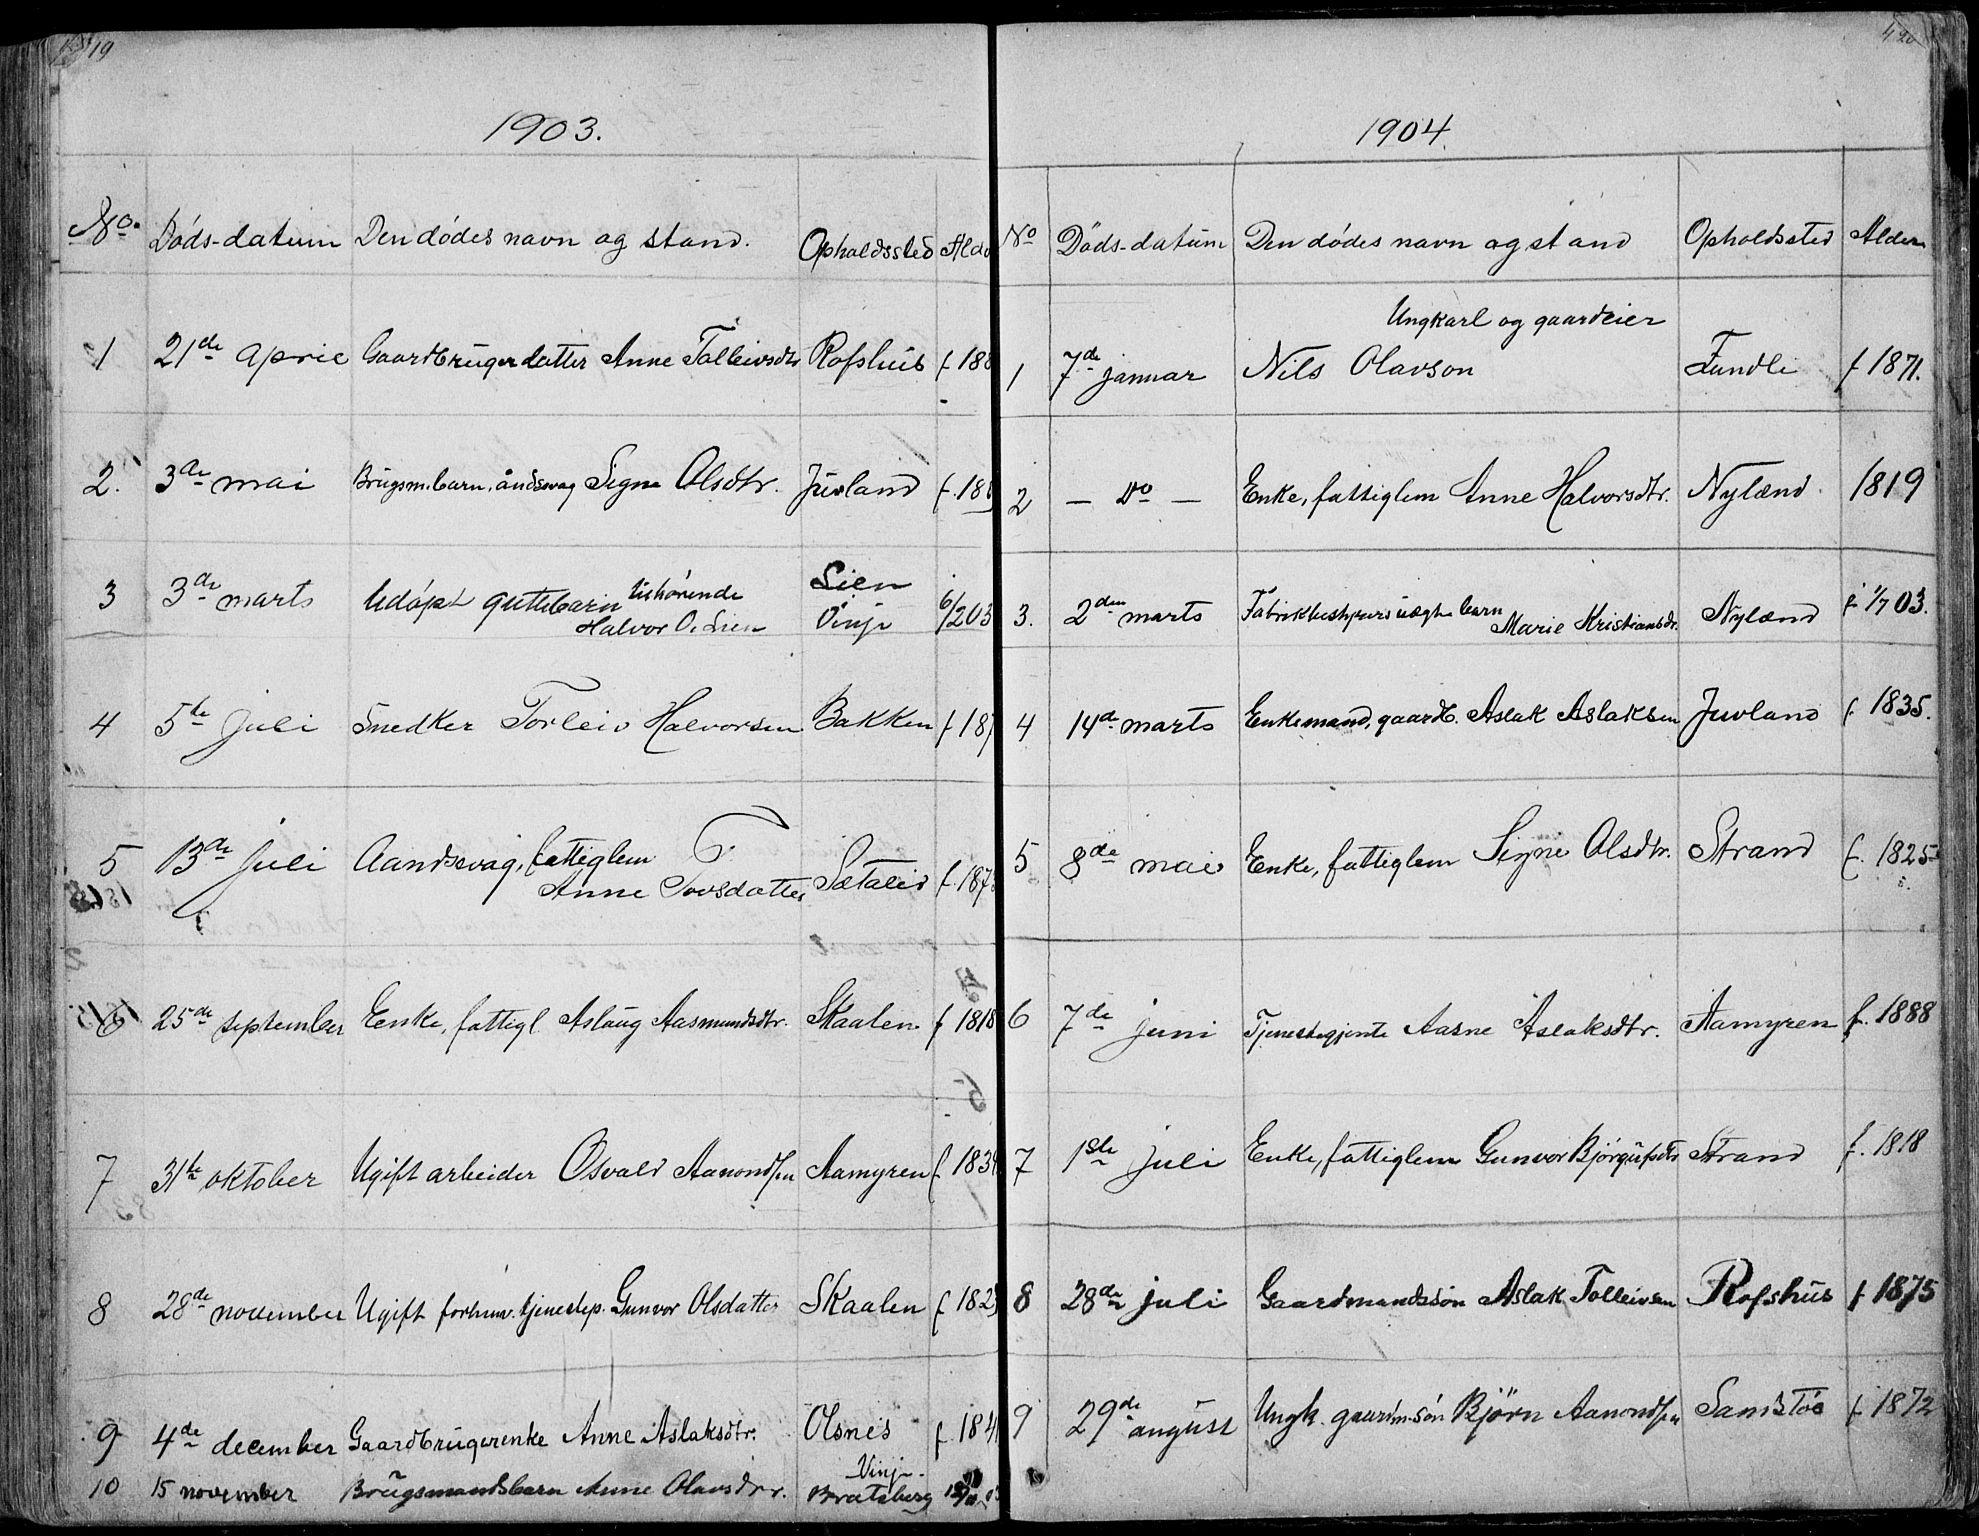 SAKO, Rauland kirkebøker, G/Ga/L0002: Klokkerbok nr. I 2, 1849-1935, s. 419-420